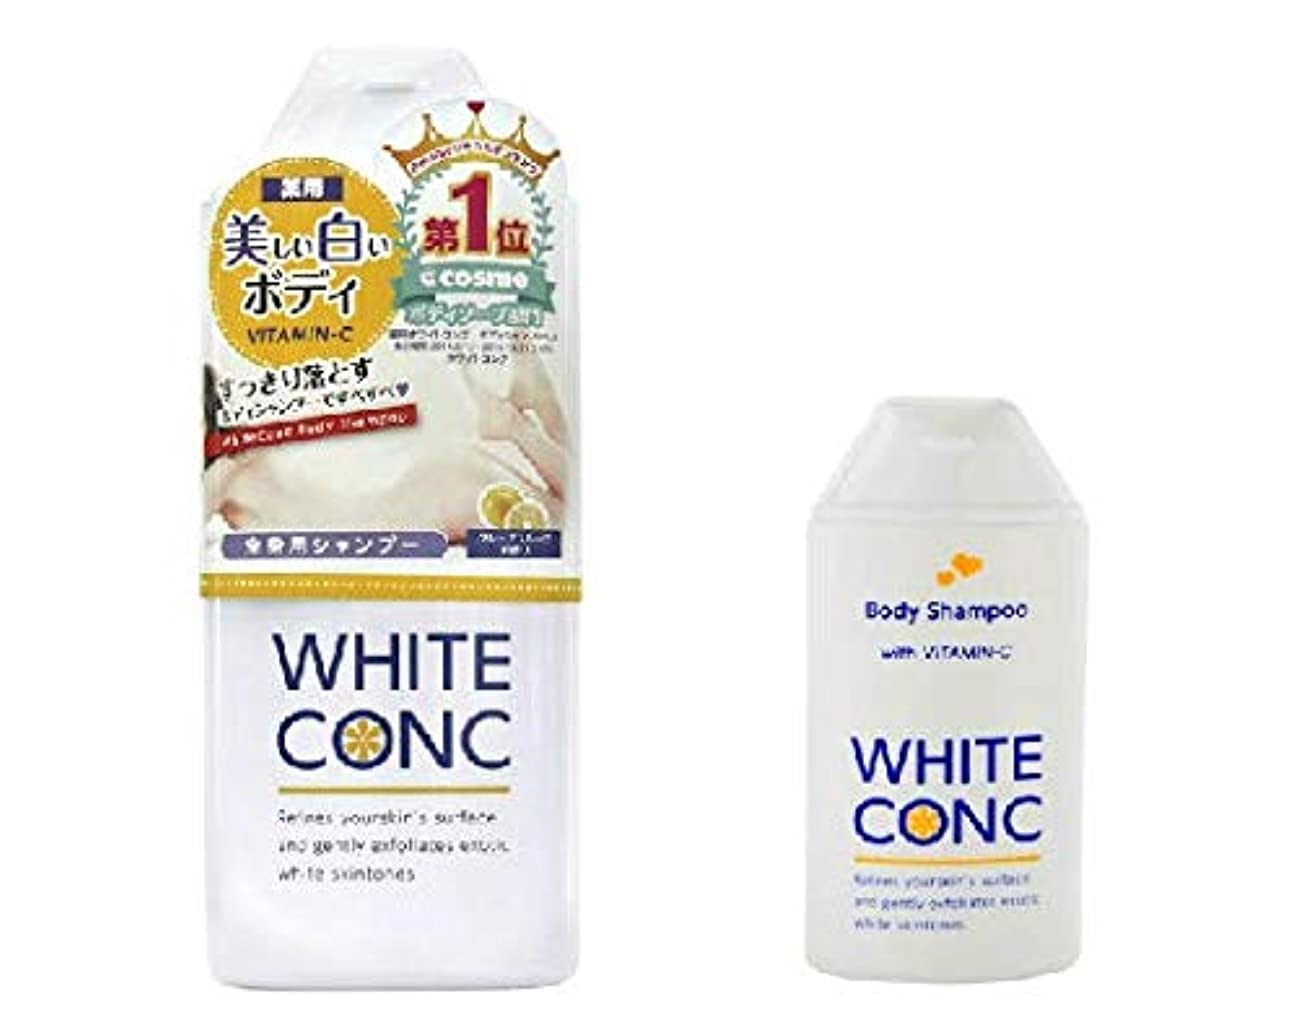 ヘビー受粉する露【WHITE CONC(ホワイトコンク)】 ボディシャンプーC Ⅱ_360mL1本&150mL1本